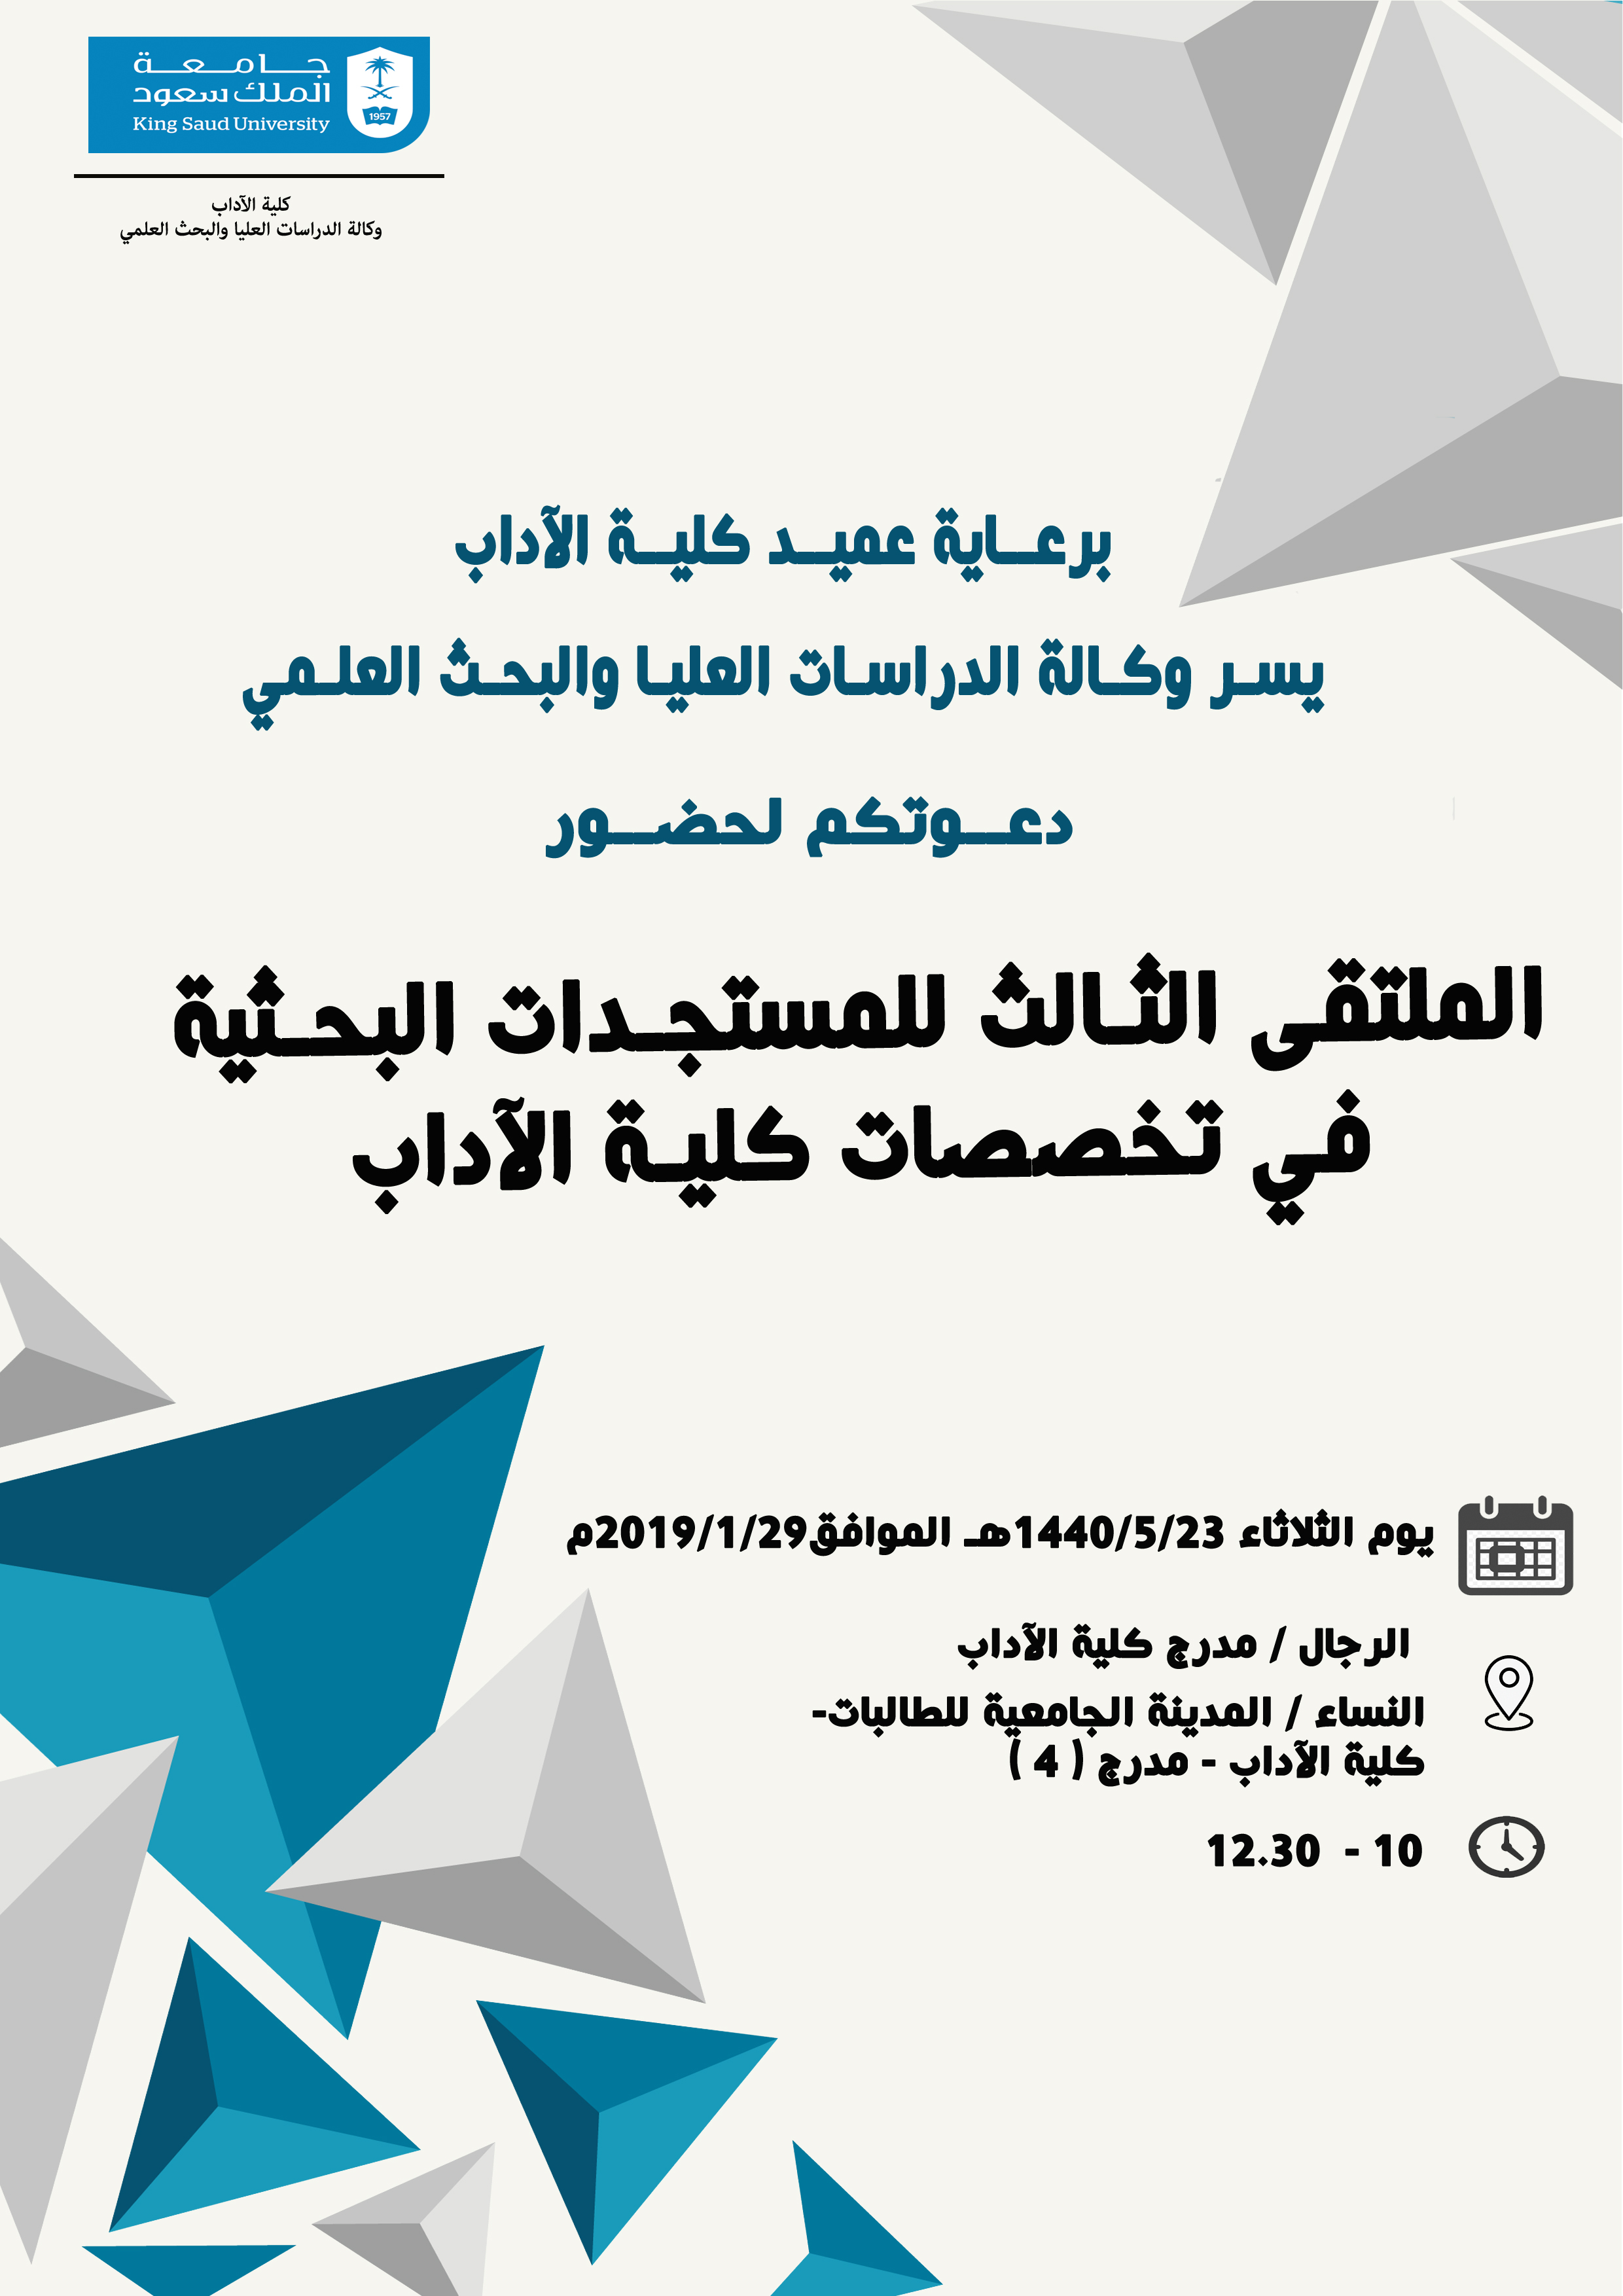 شعار قسم الدراسات الاجتماعية جامعة الملك سعود Kaiza Today